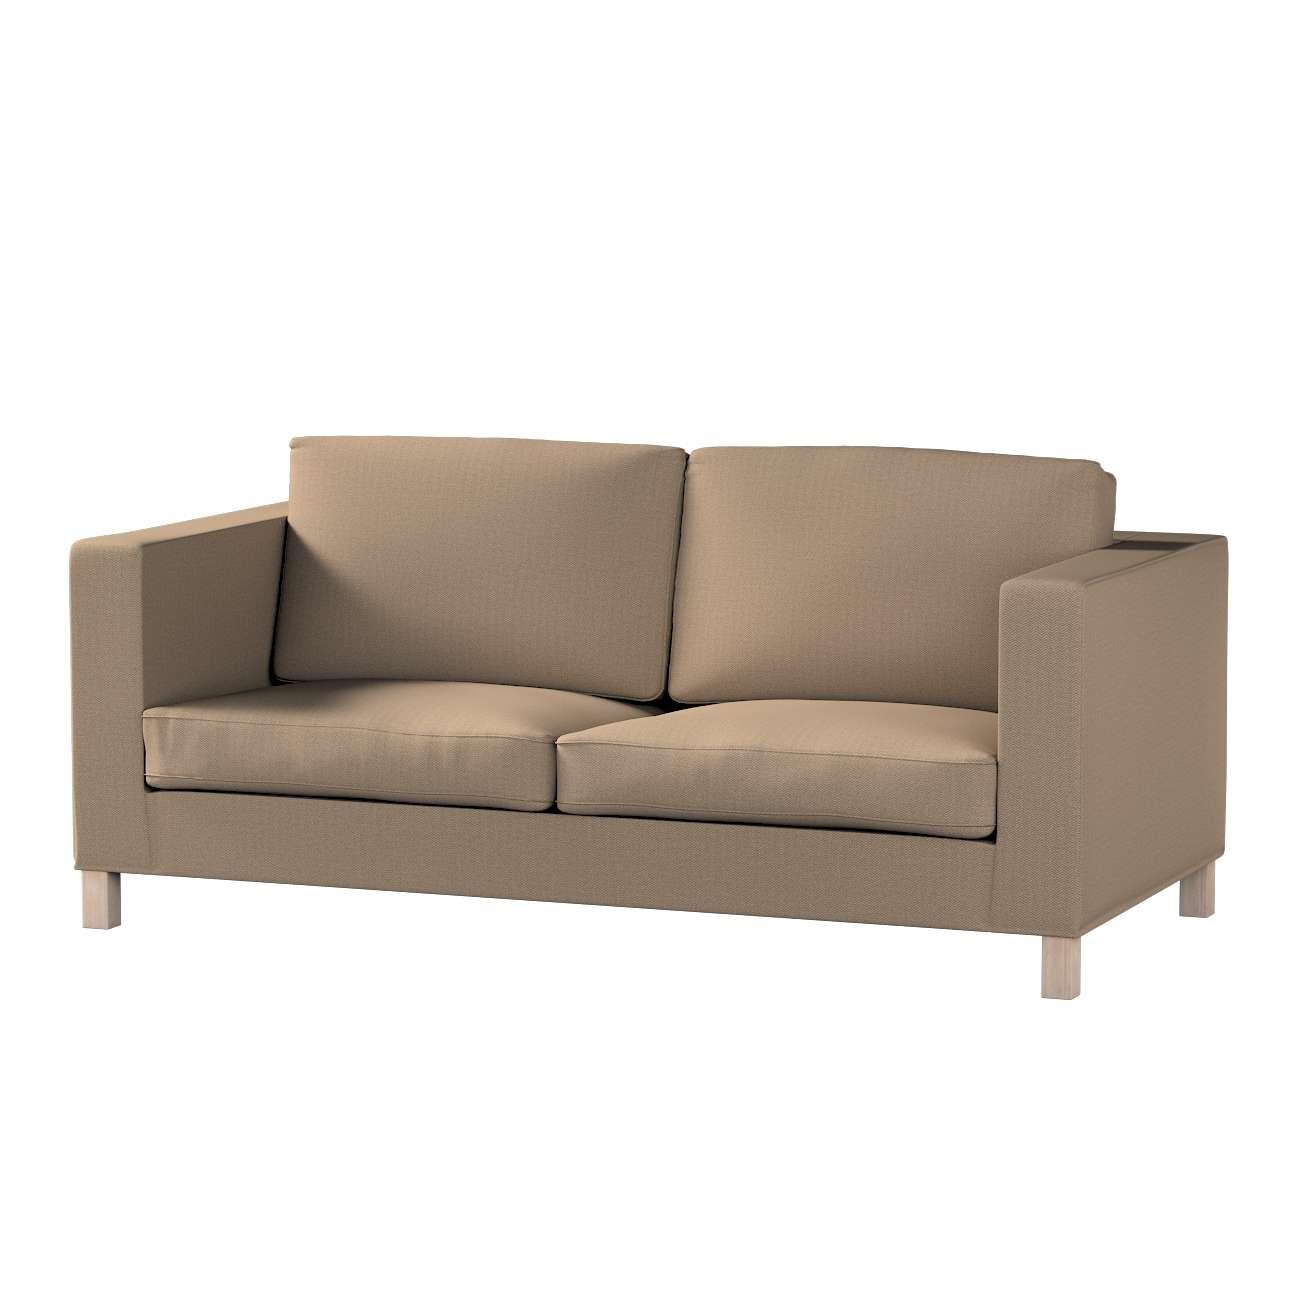 Pokrowiec na sofę Karlanda rozkładaną, krótki w kolekcji Bergen, tkanina: 161-85